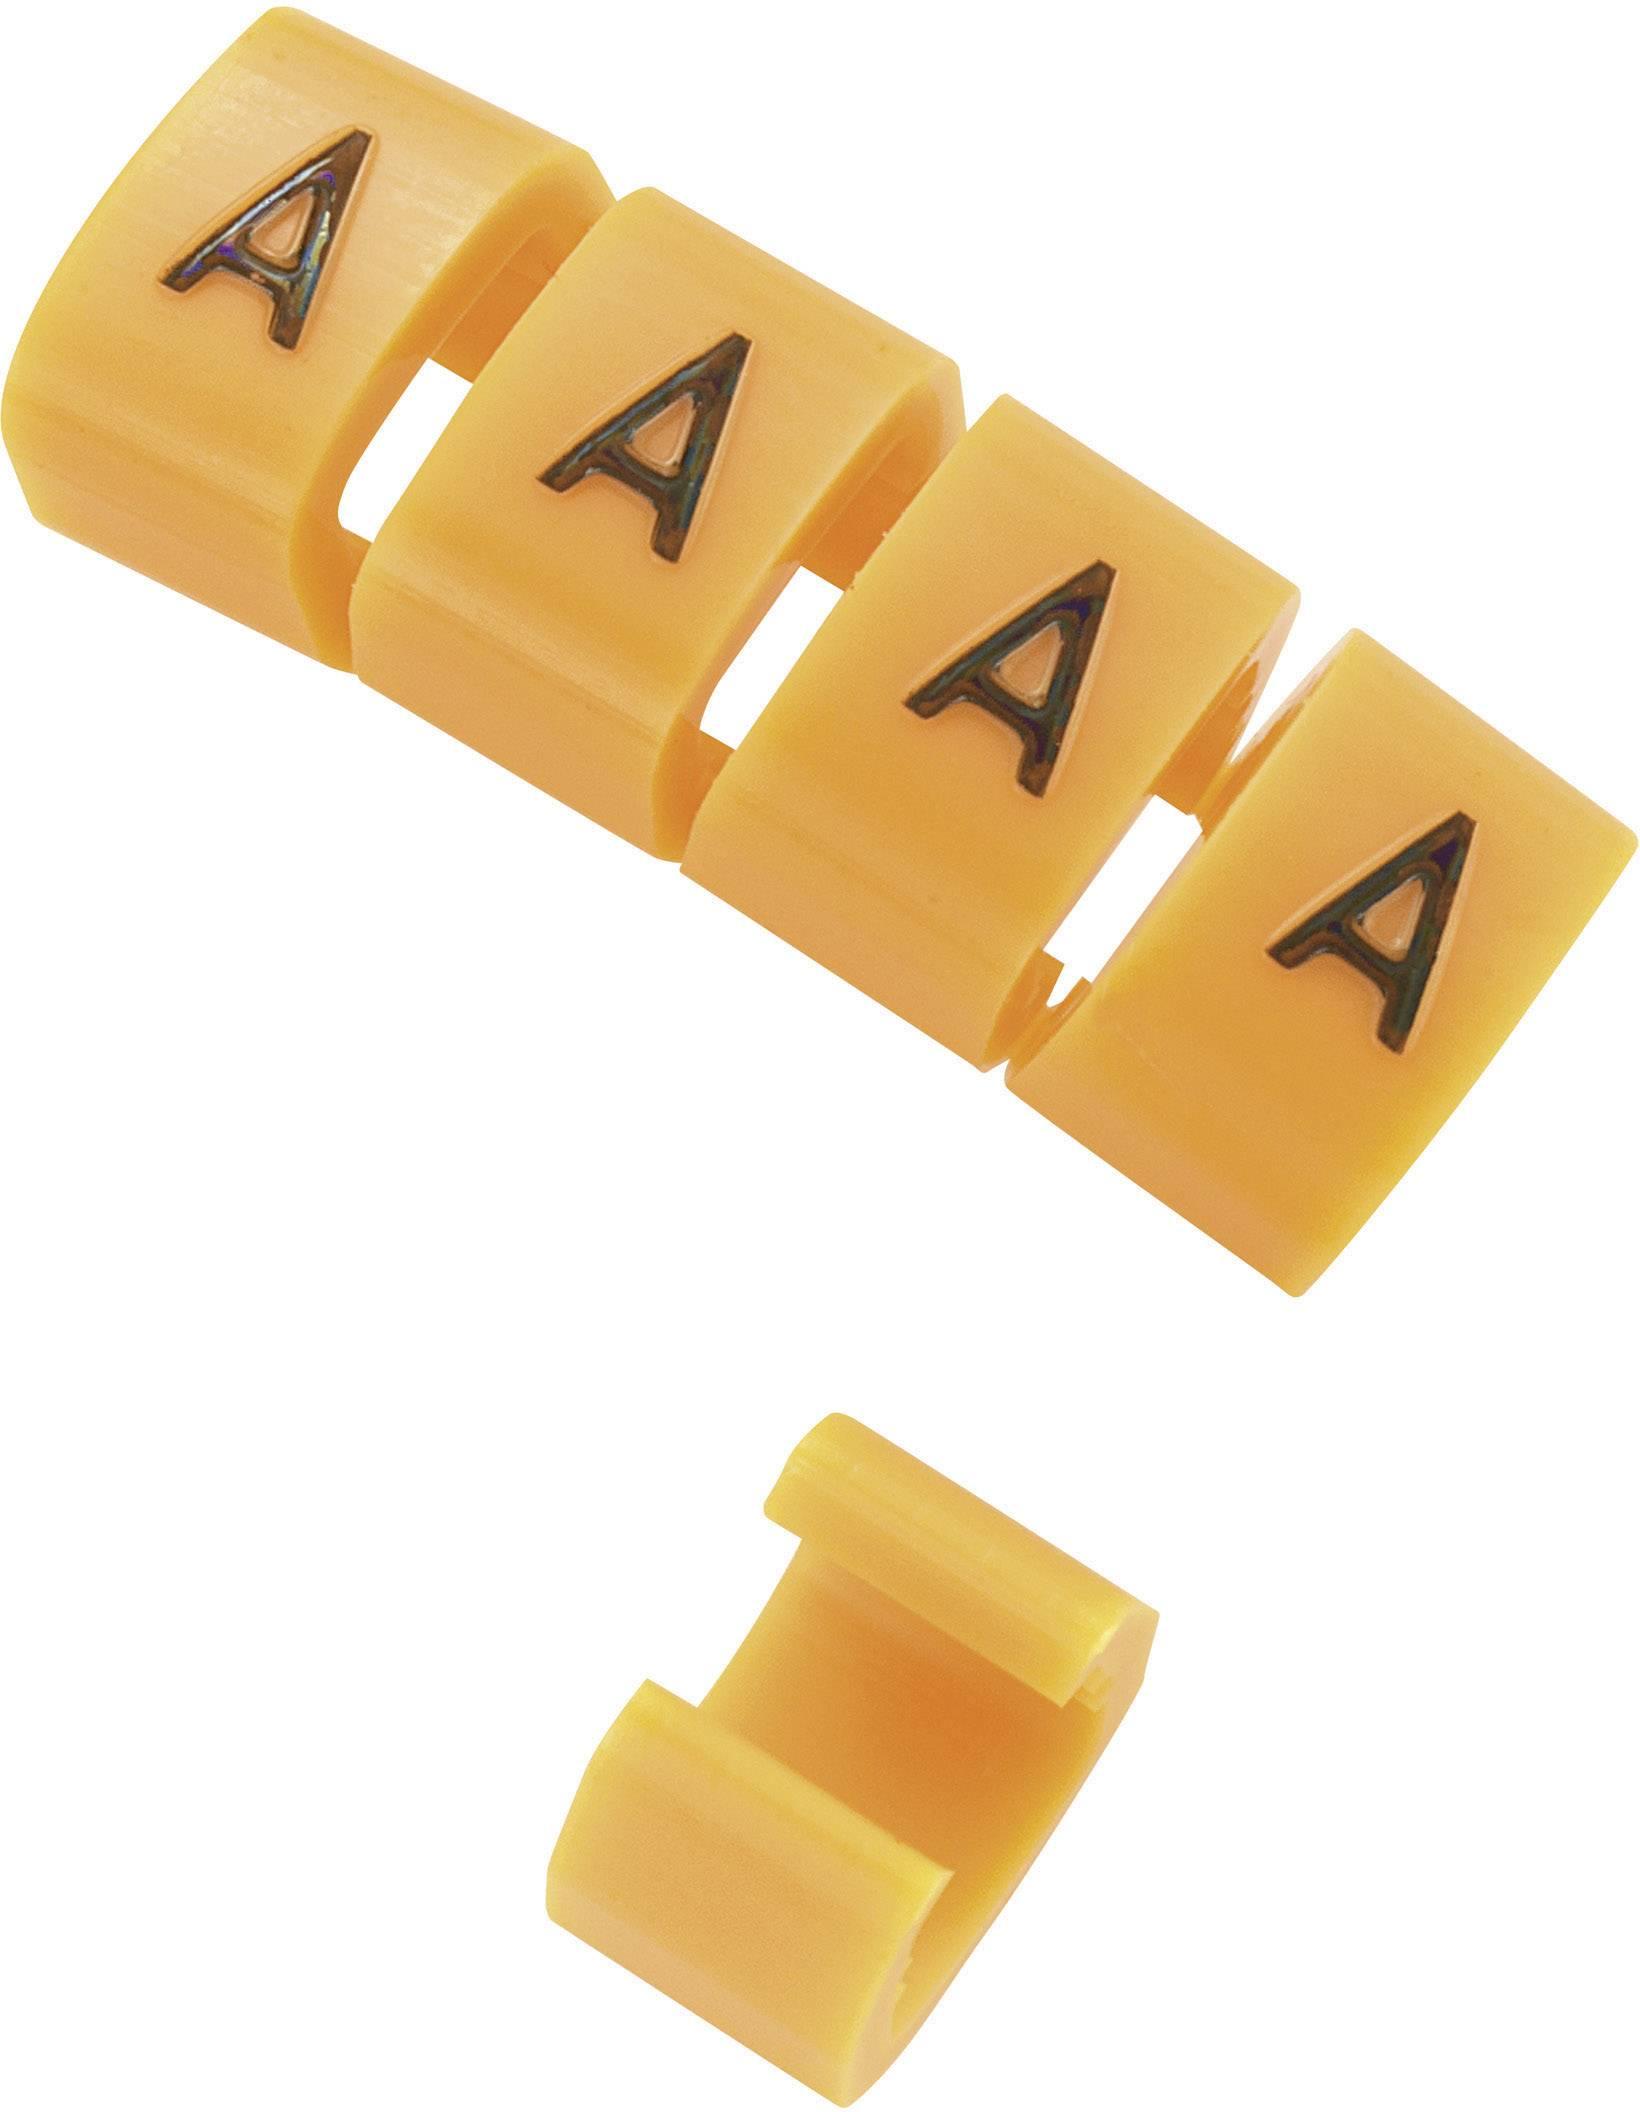 Označovacie objímka na káble KSS MB2/D, oranžová, 10 ks